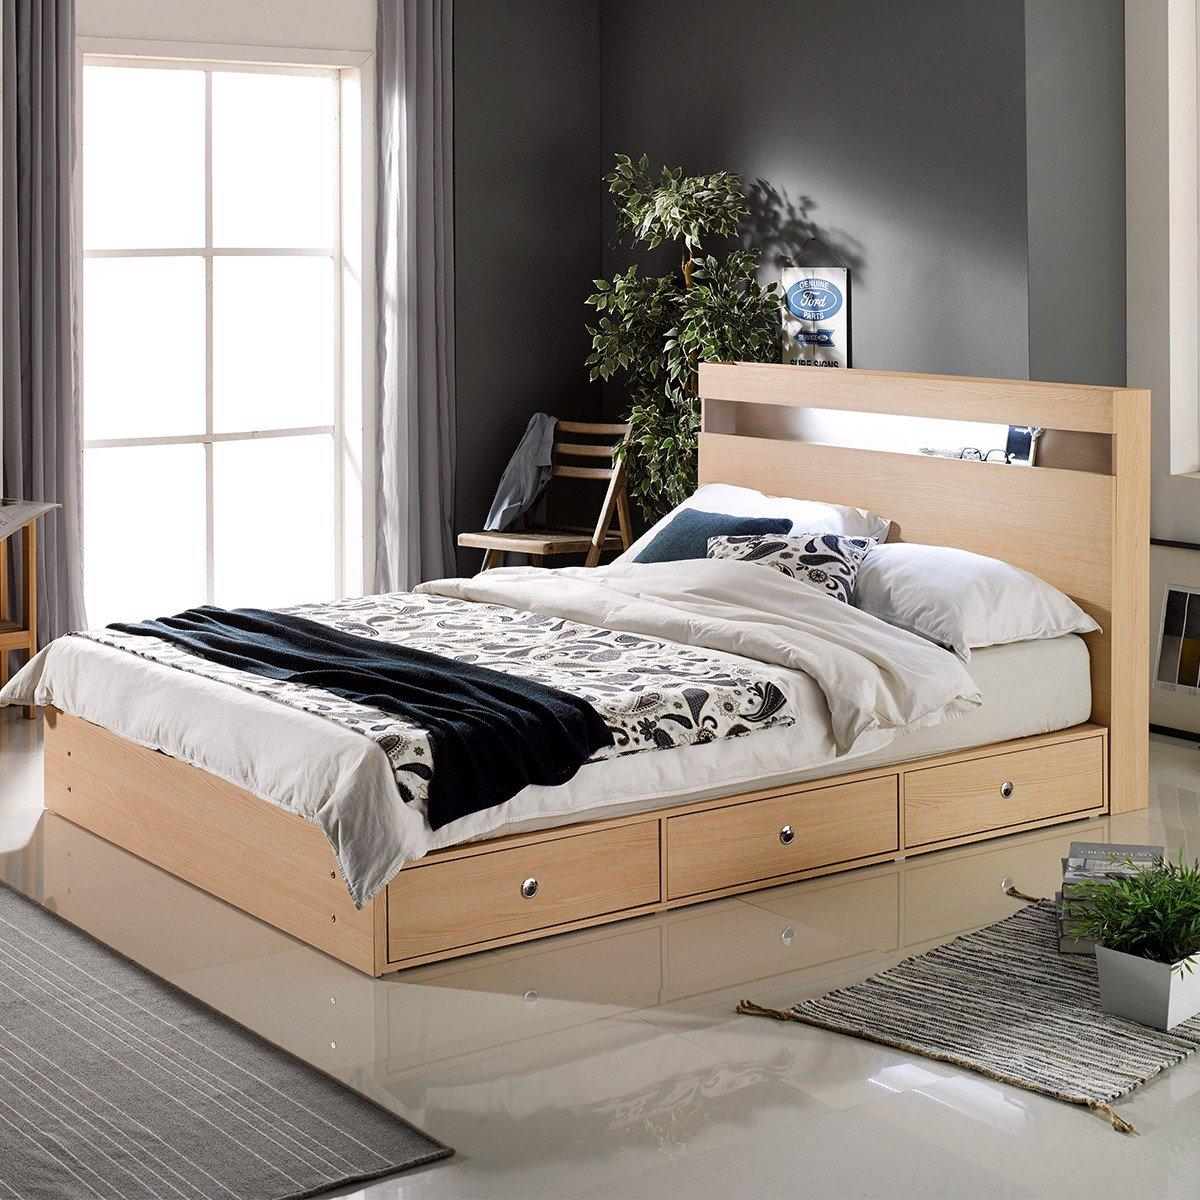 Tổng hợp các mẫu giường đơn gỗ đẹp nhất 2021